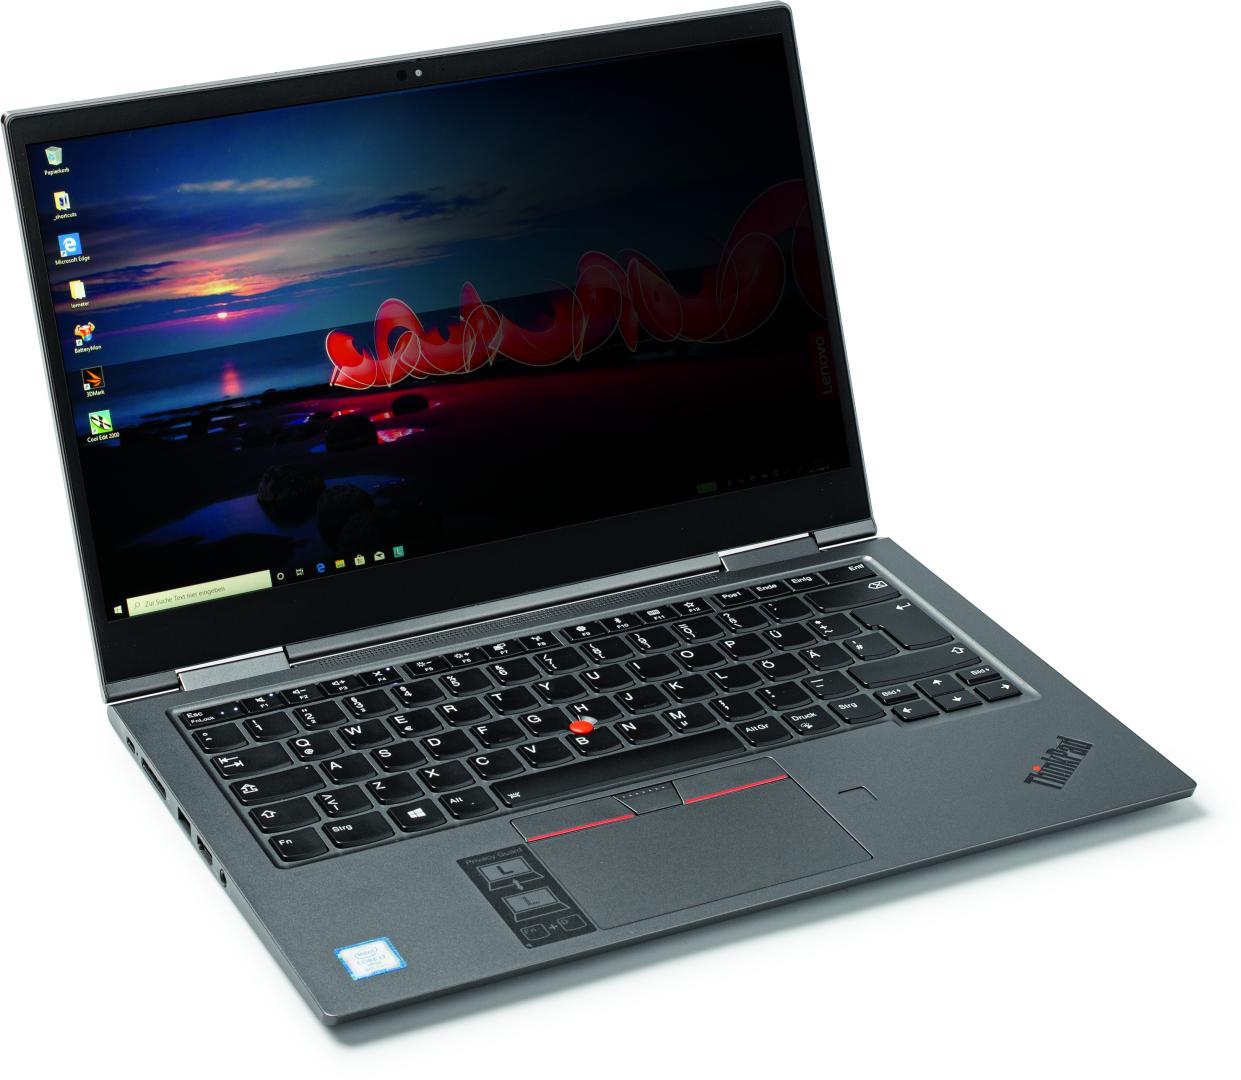 laptop kopen werk zakelijk privacy guard vertrouwelijk